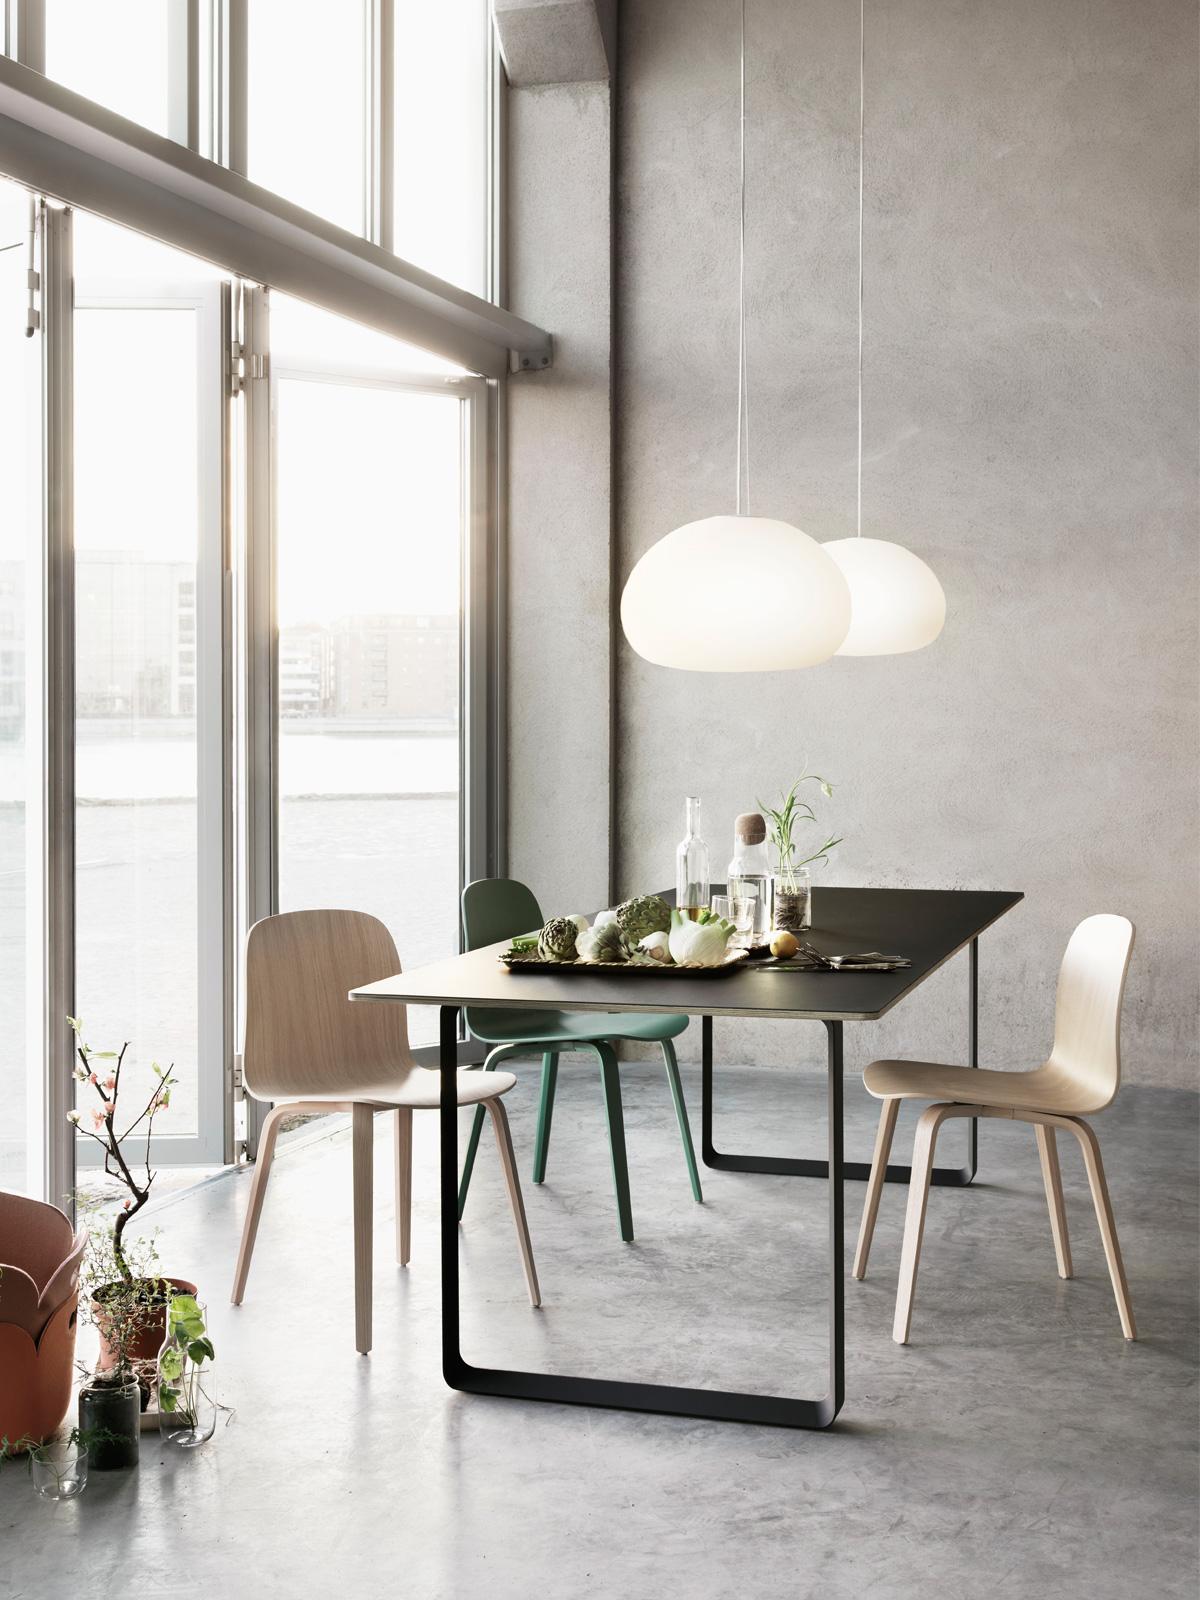 Fluid Hängeleuchten über Tisch DesignOrt Berlin